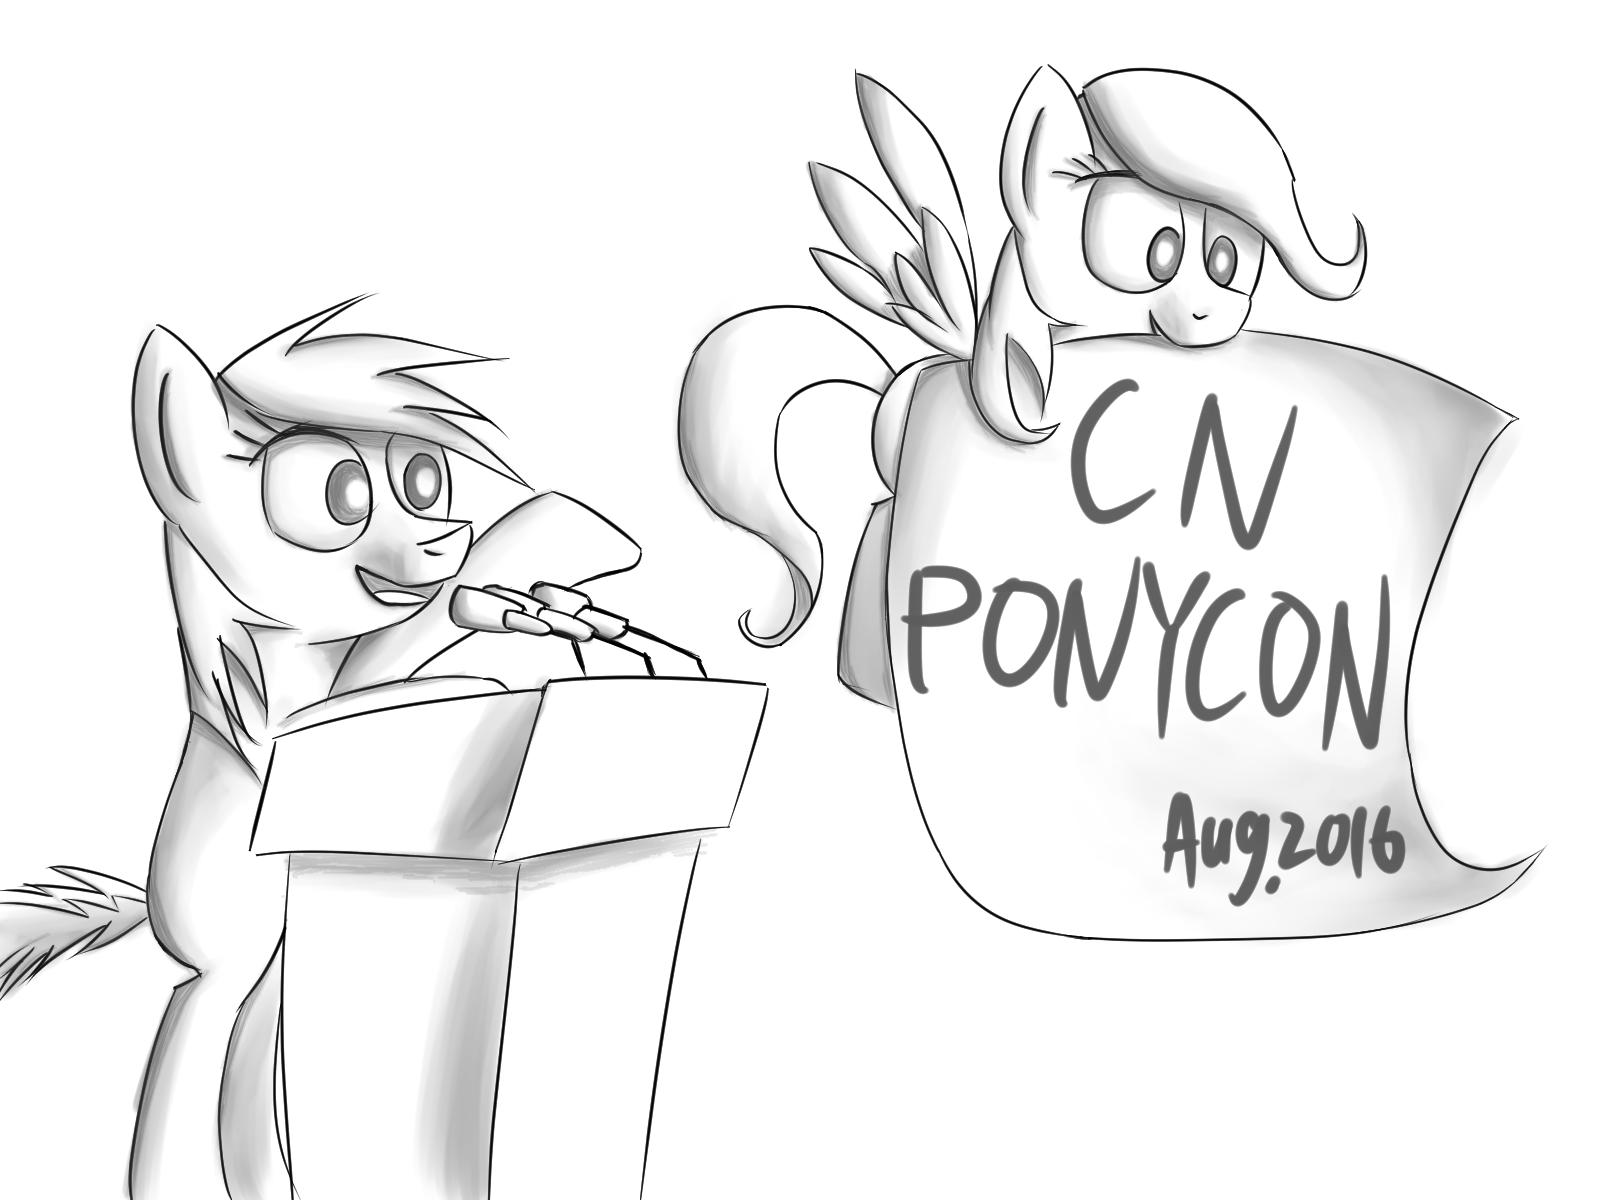 CNPonyCon!